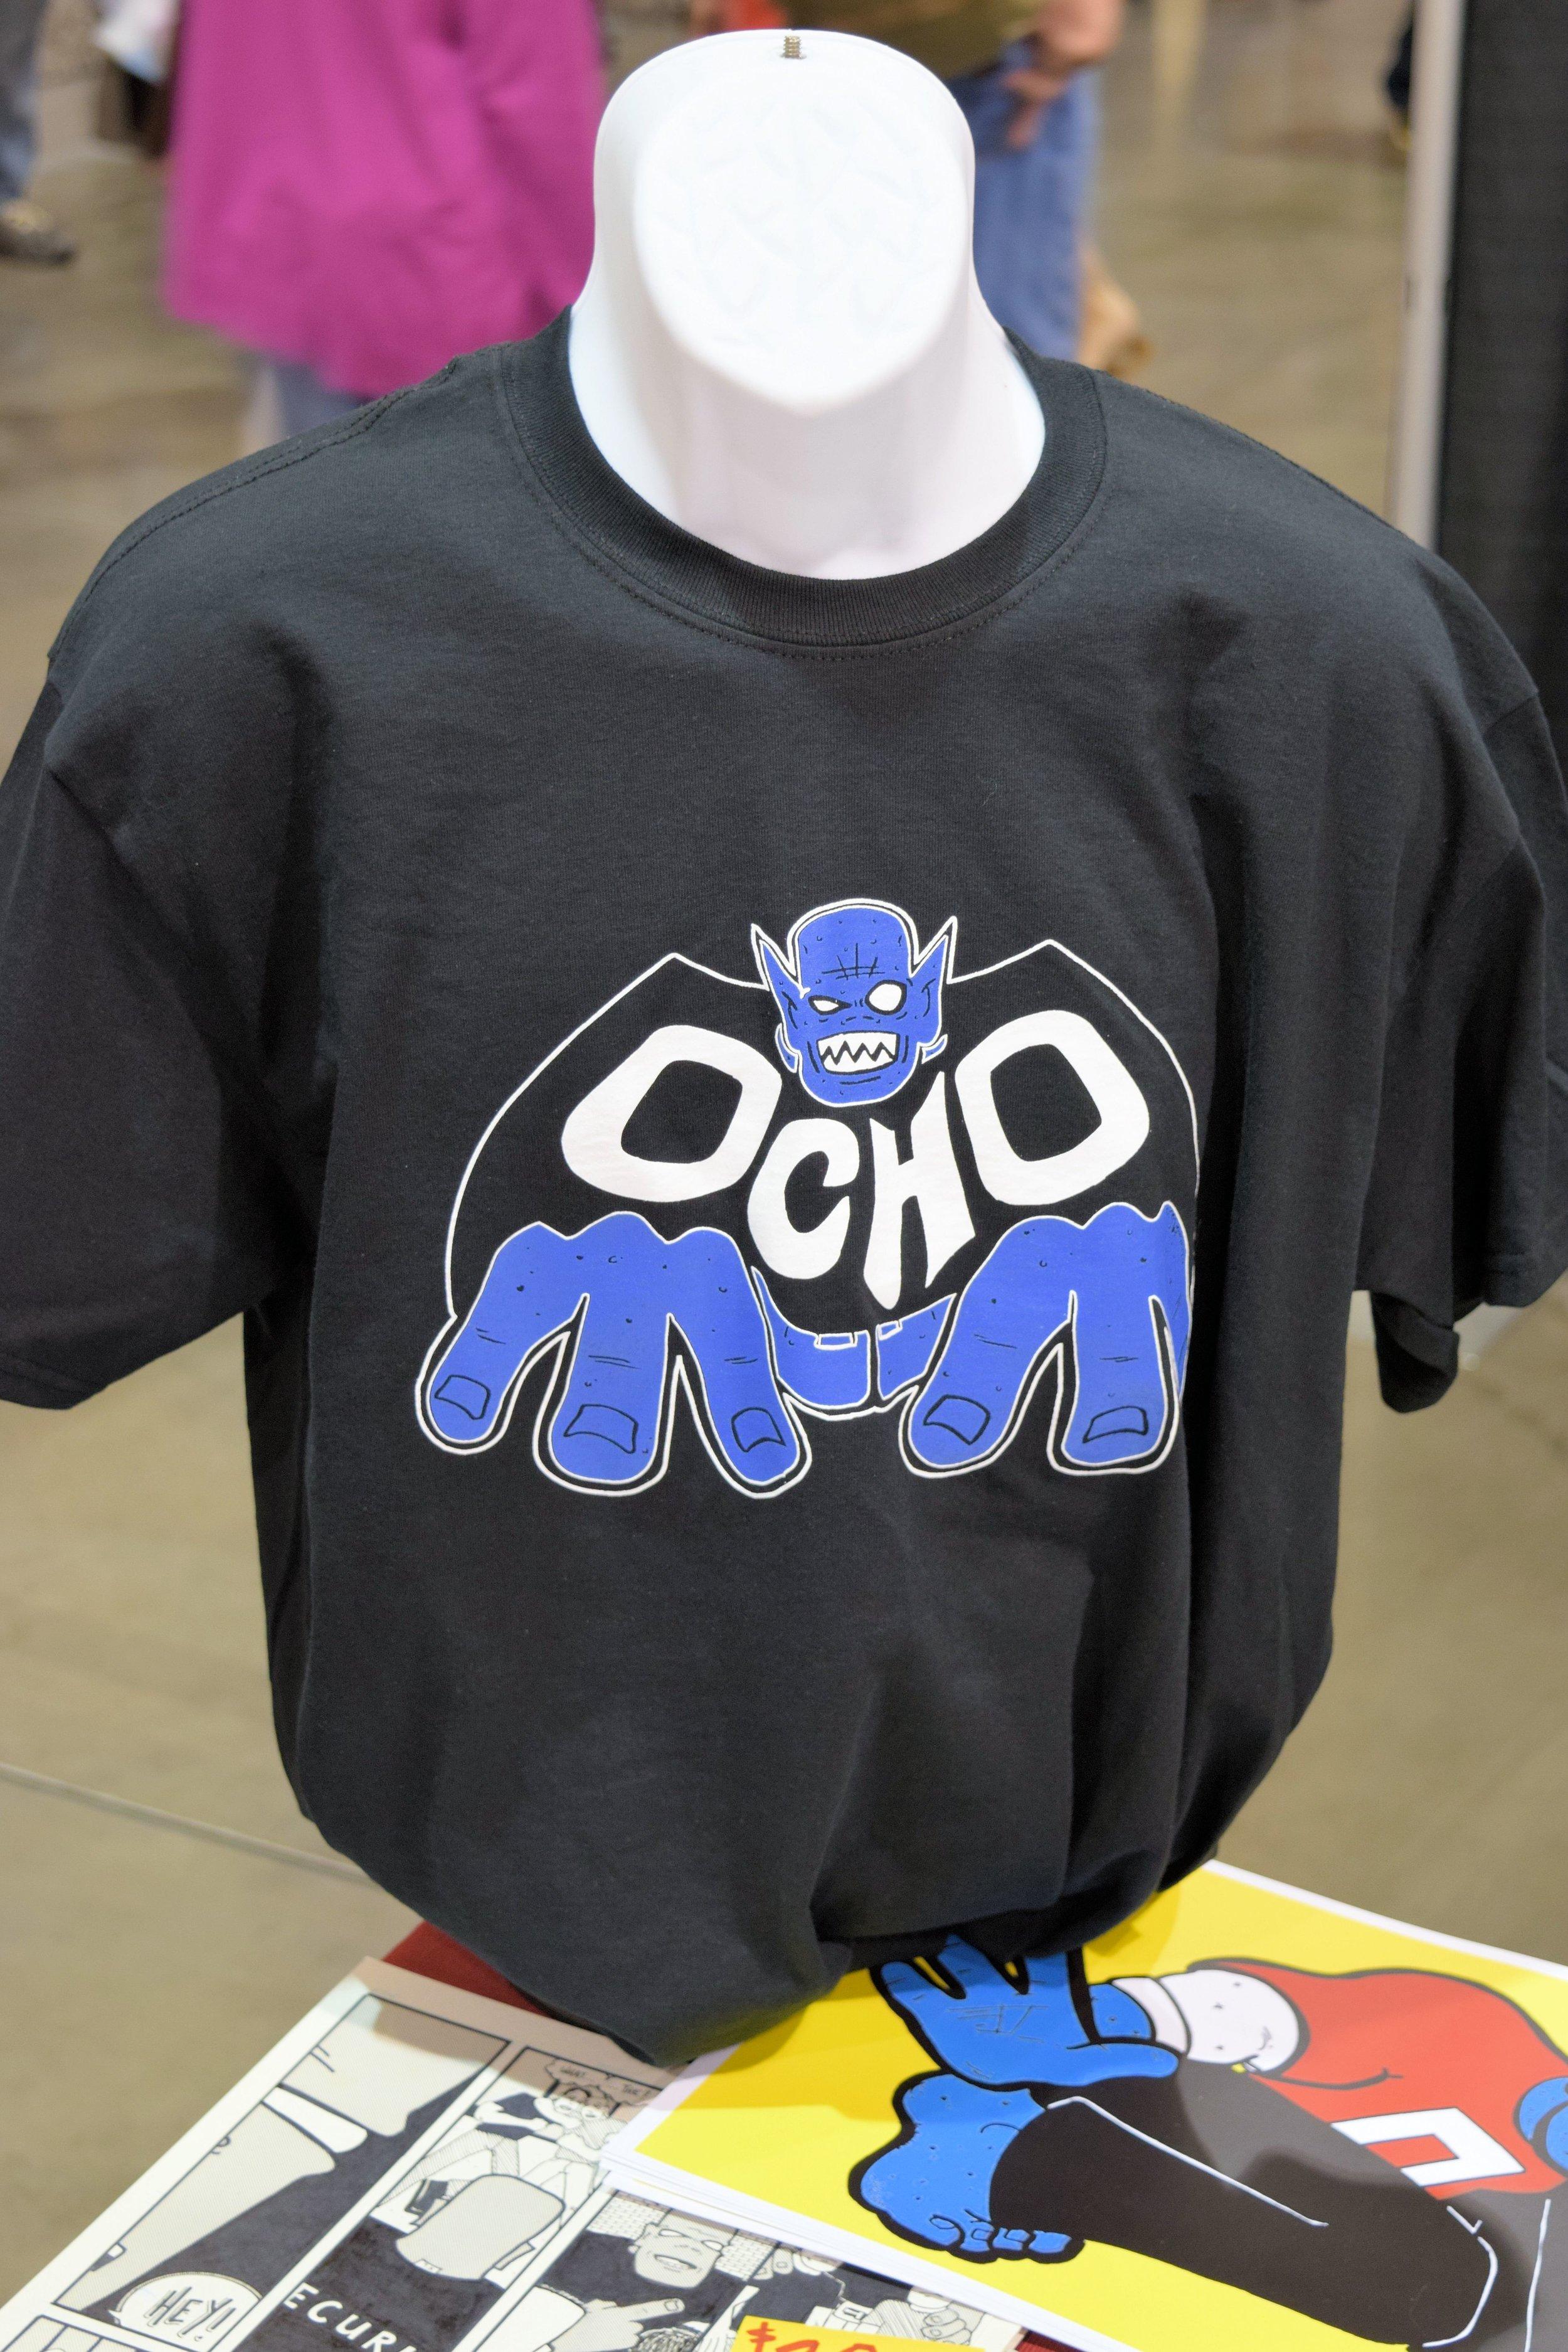 Ocho Comics t-shirt from Eric Mengel.